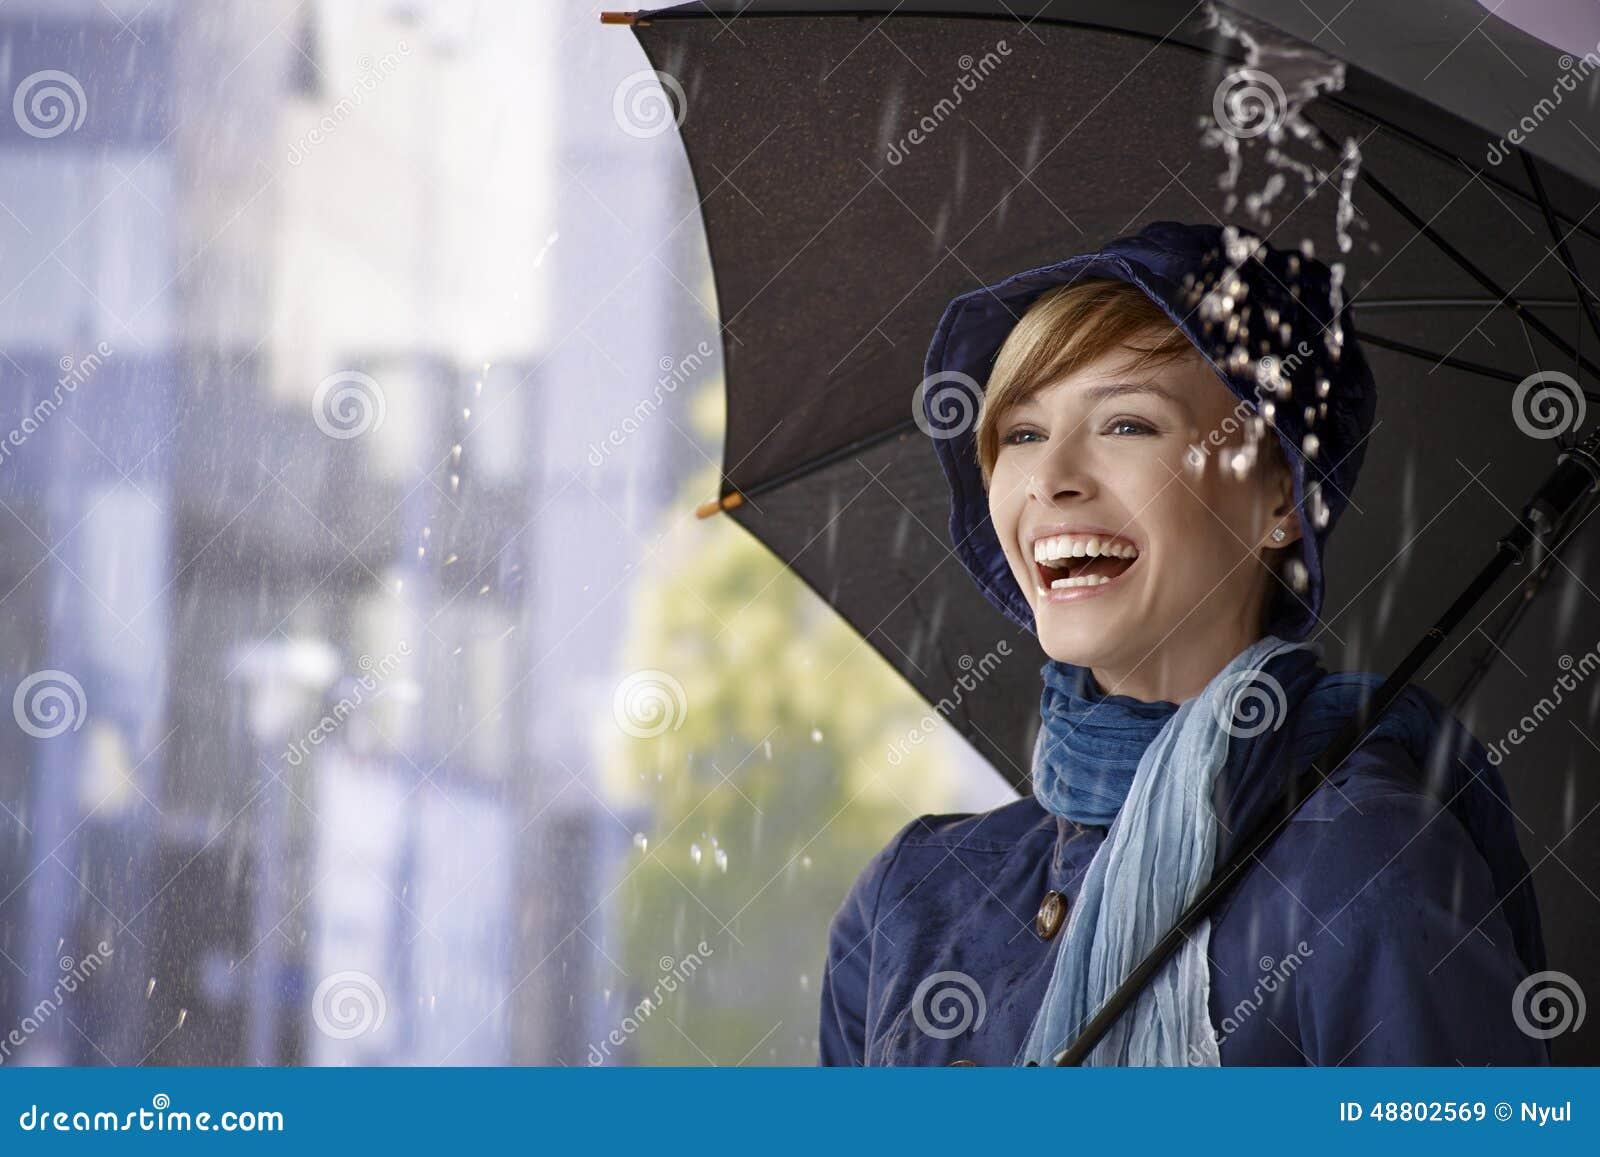 Ευτυχής νέα γυναίκα κάτω από την ομπρέλα στη βροχή